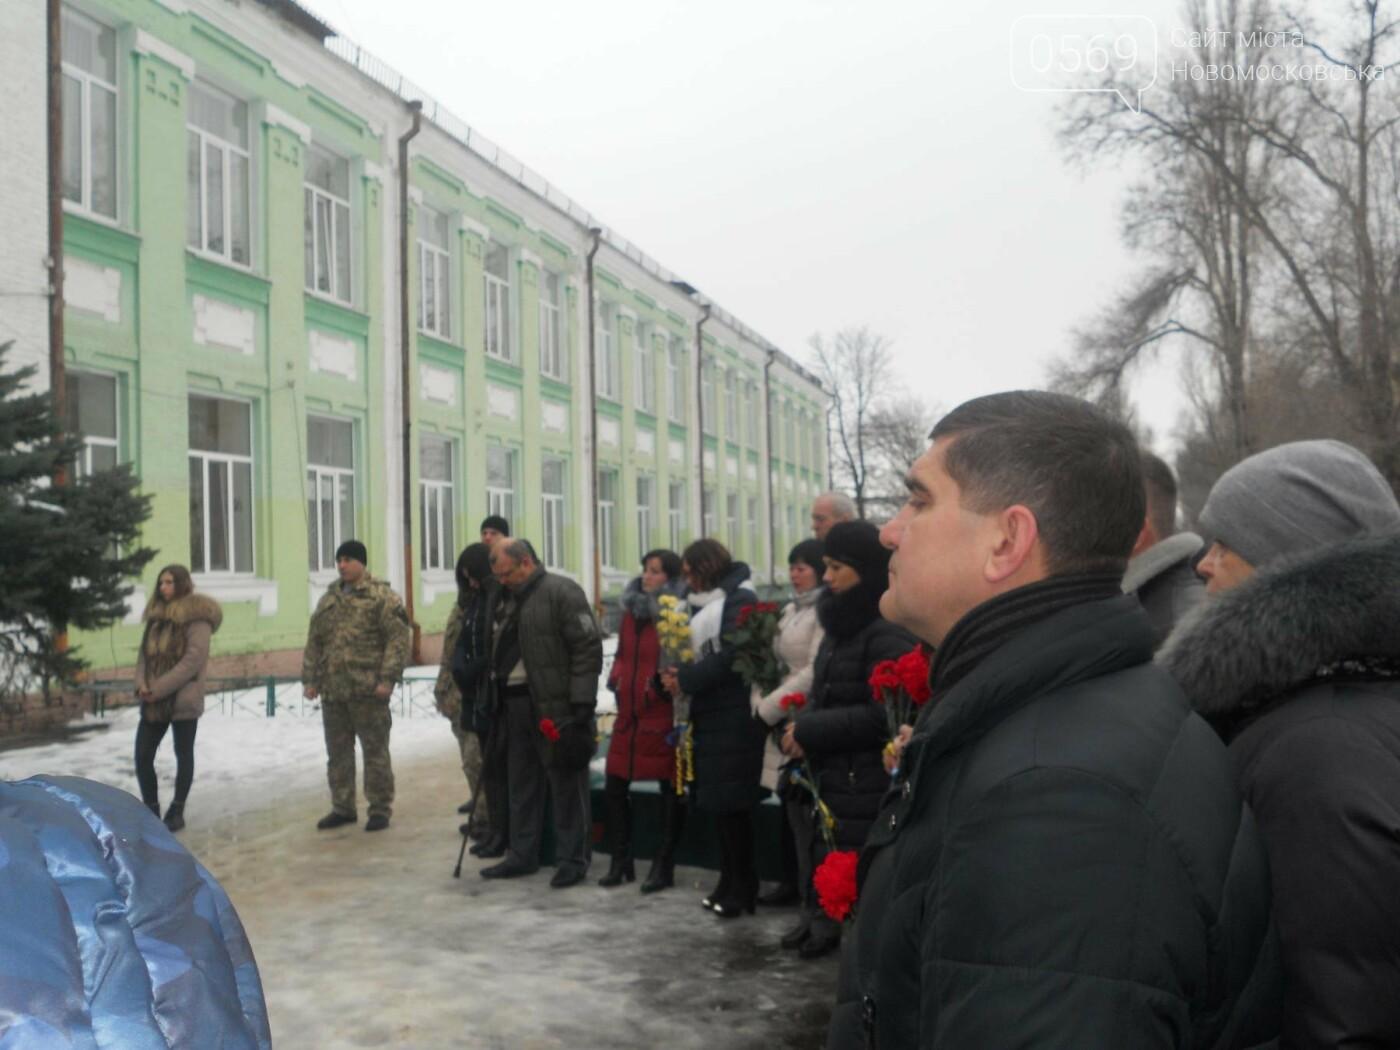 У Новомосковську встановили меморіальну дошку на честь Героя України, фото-1